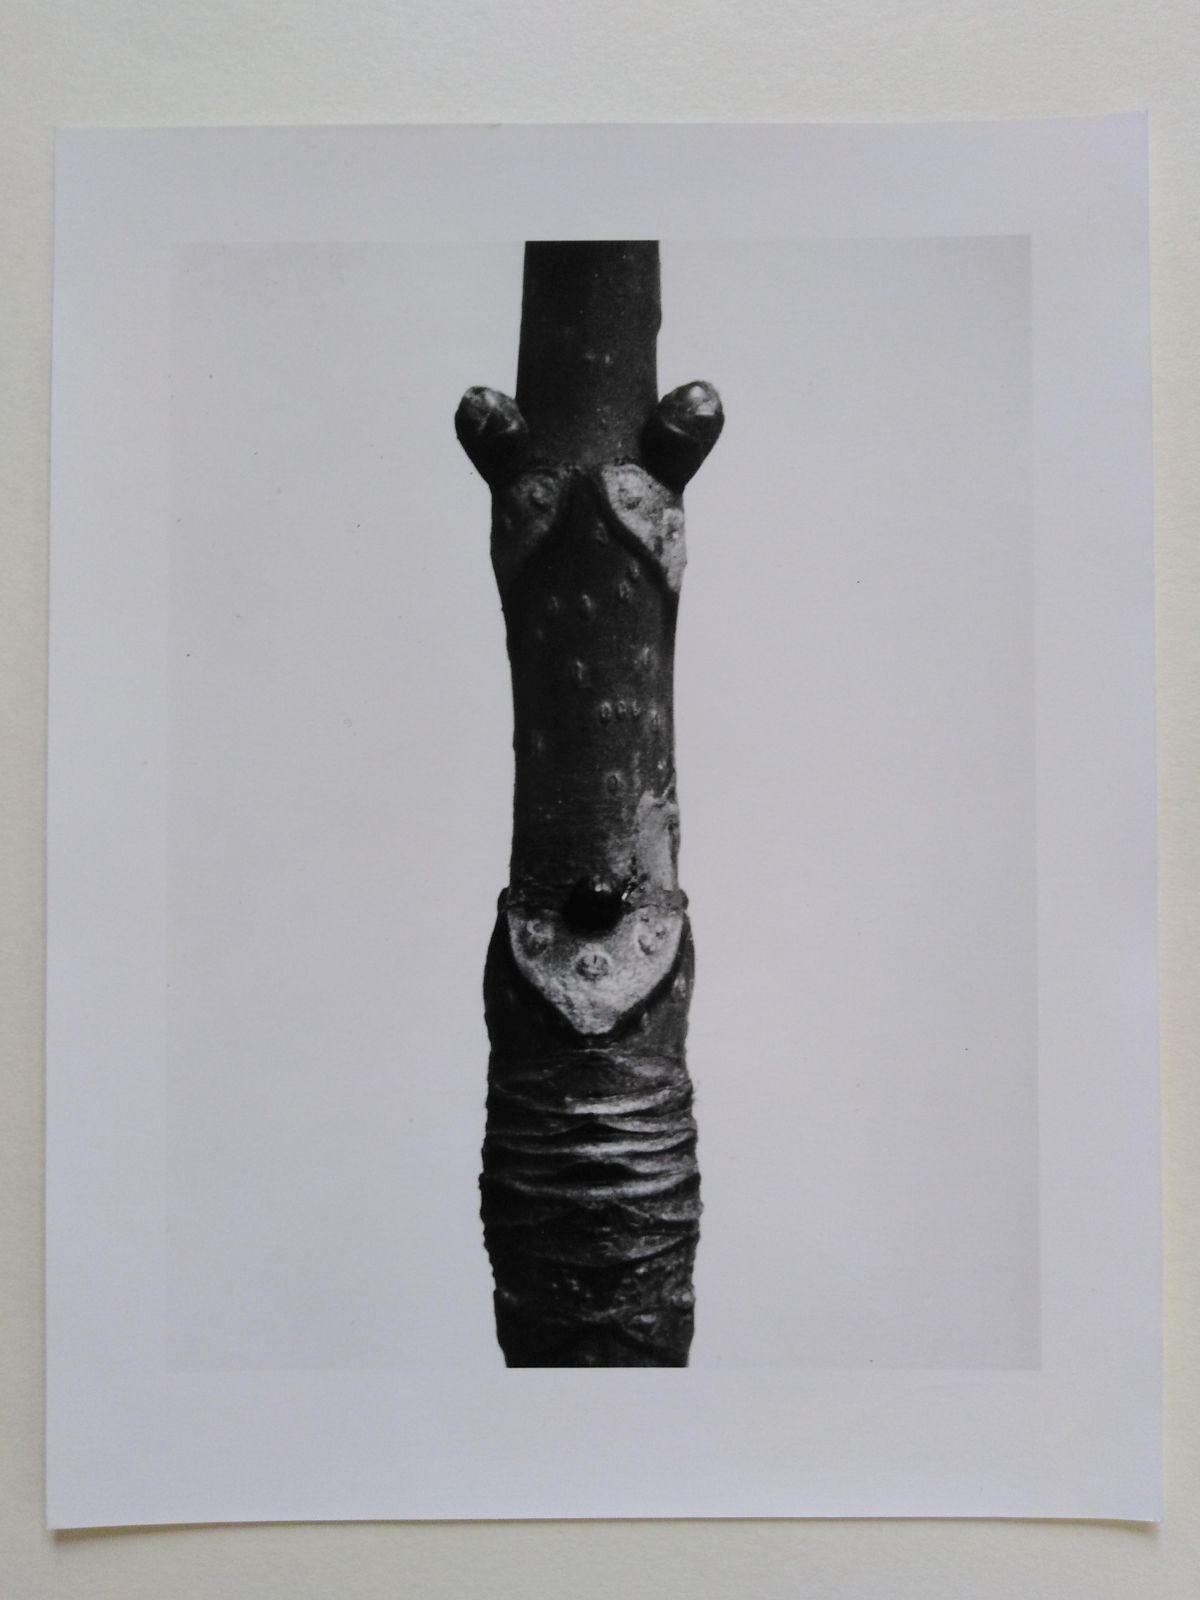 Karl Blossfeldt - Rosskastanie (Aesculus), Fotografie aus dem Nachlass kopen? Bied vanaf 100!